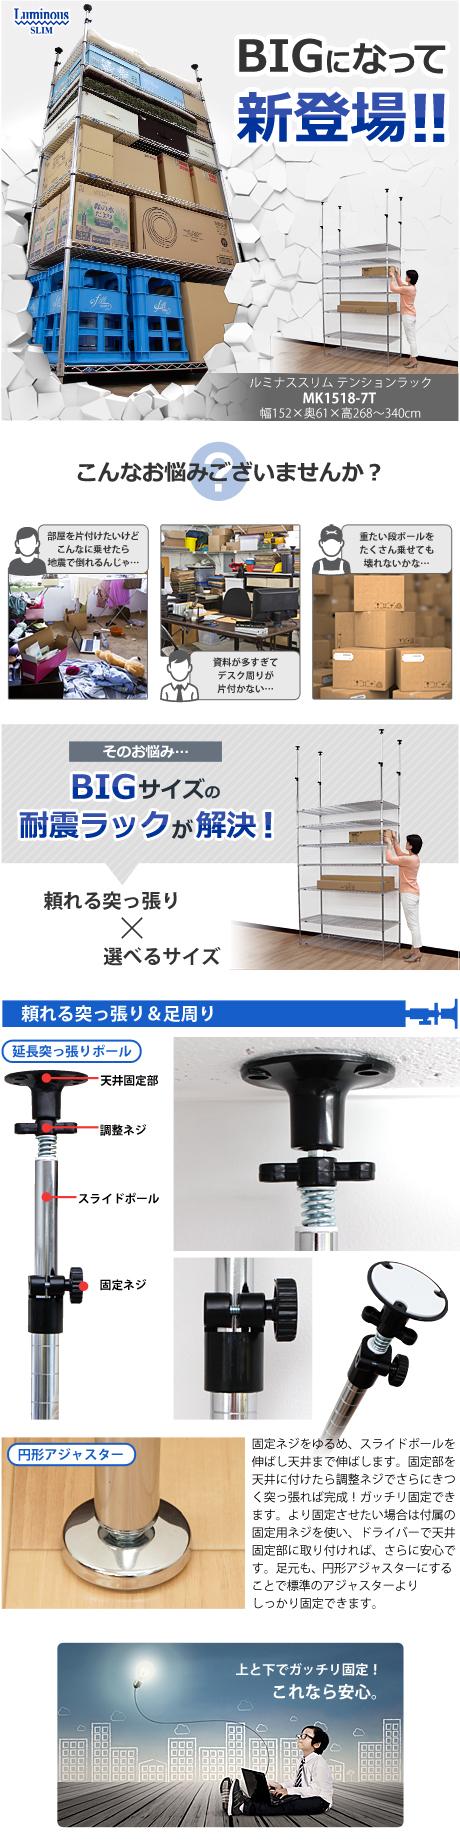 BIGになって新登場!!mk1518-7t